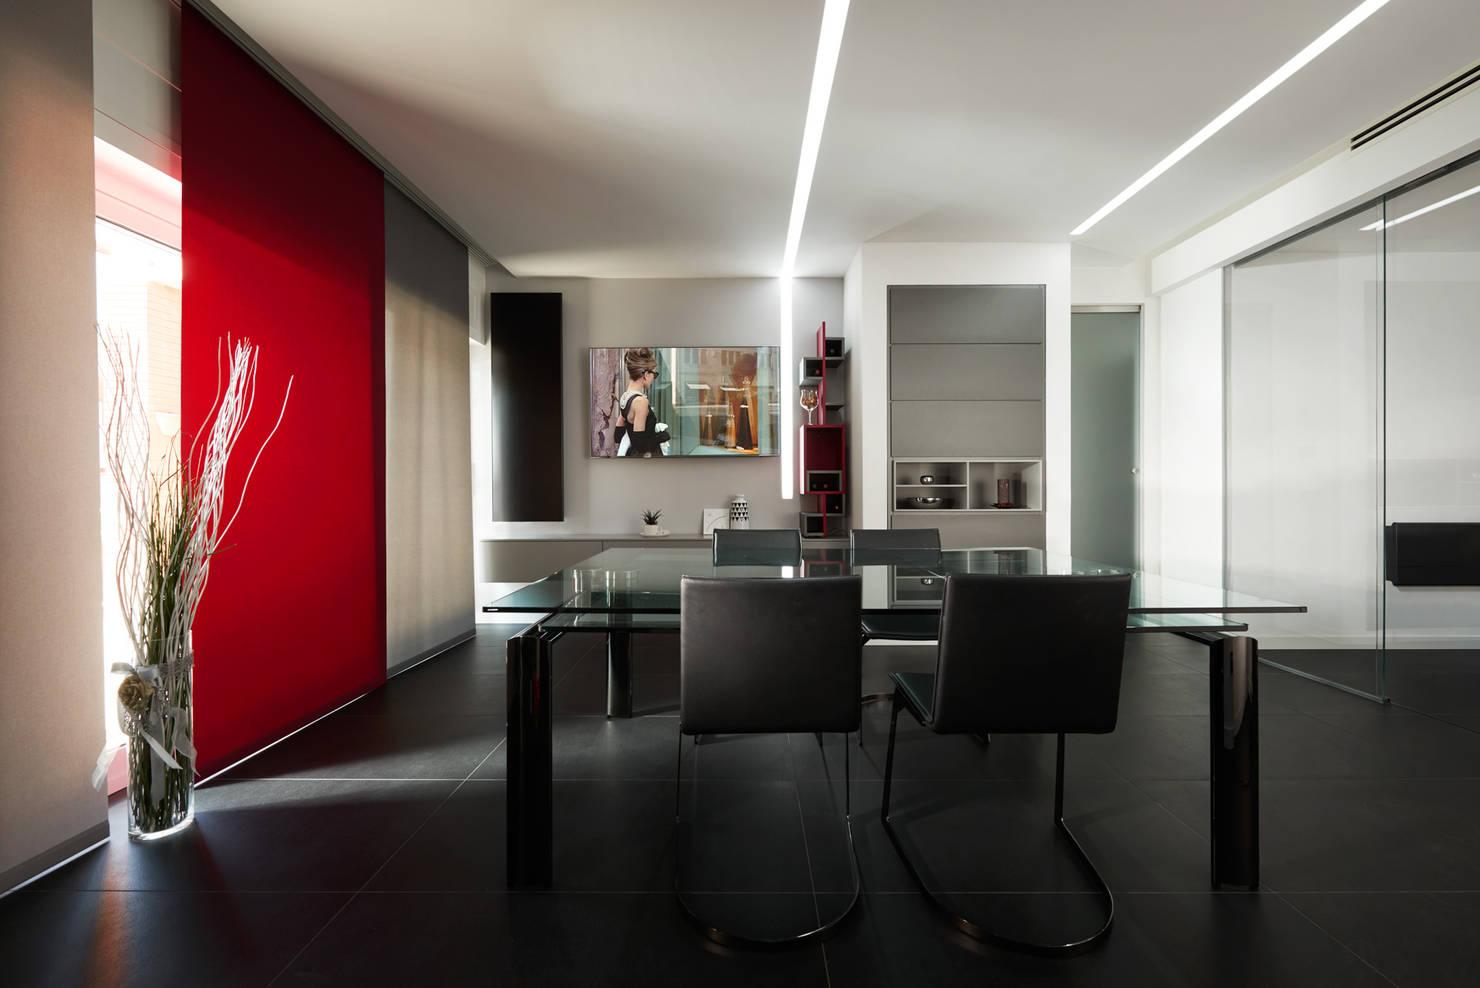 Uno Splendido Appartamento dai Contrasti Decisi a Roma Eur